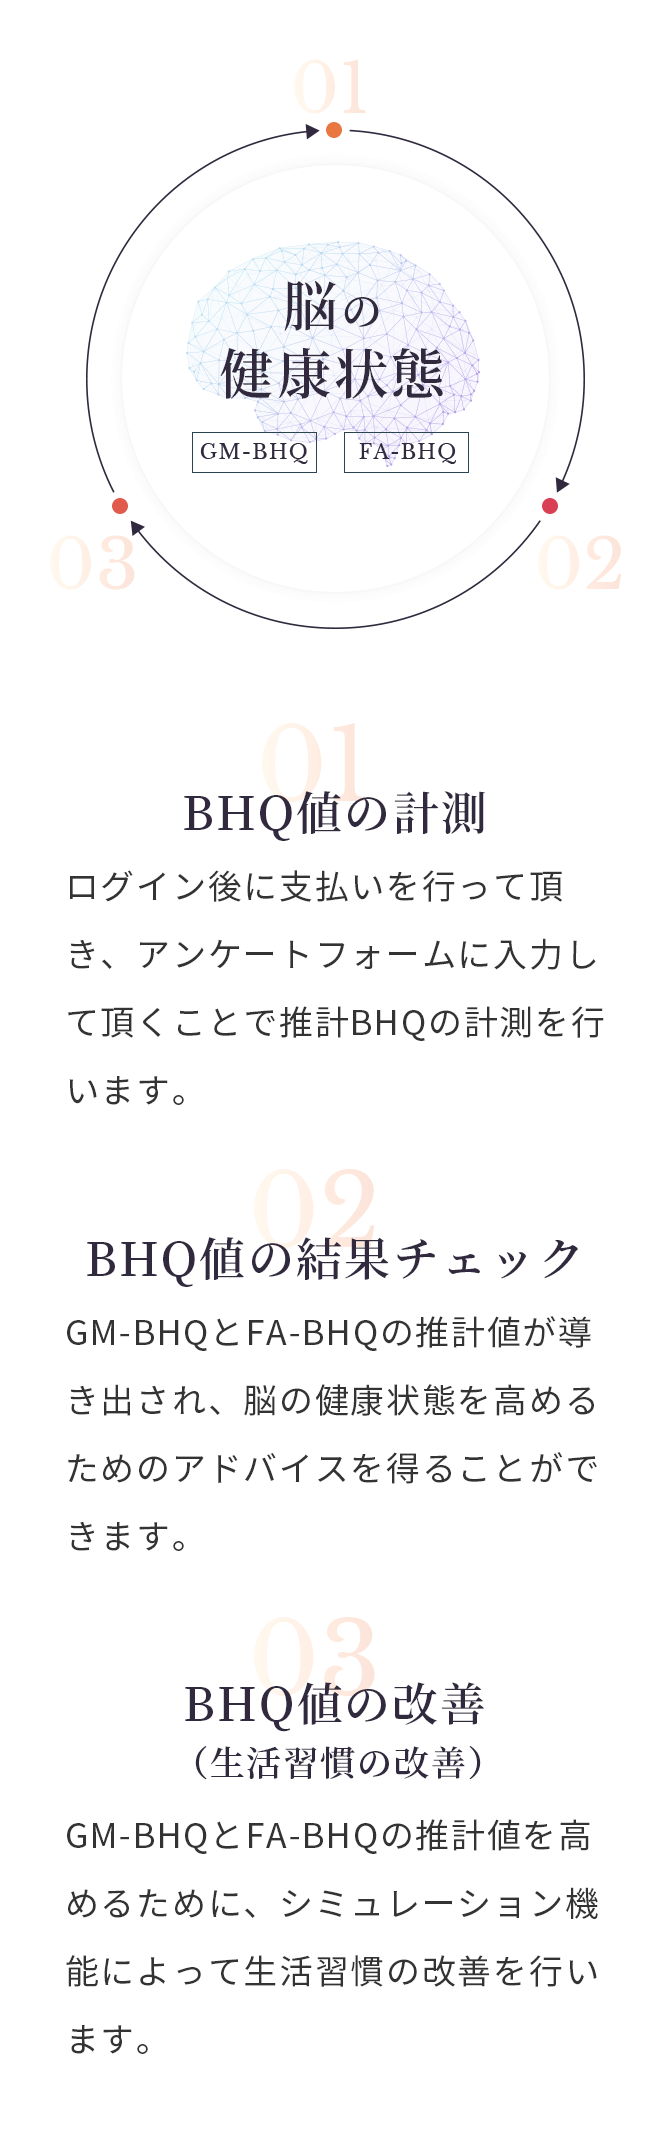 計測の流れの図 01:BHQ値の計測、02:BHQ値の結果チェック、03:BHQ値の改善(生活習慣の改善)